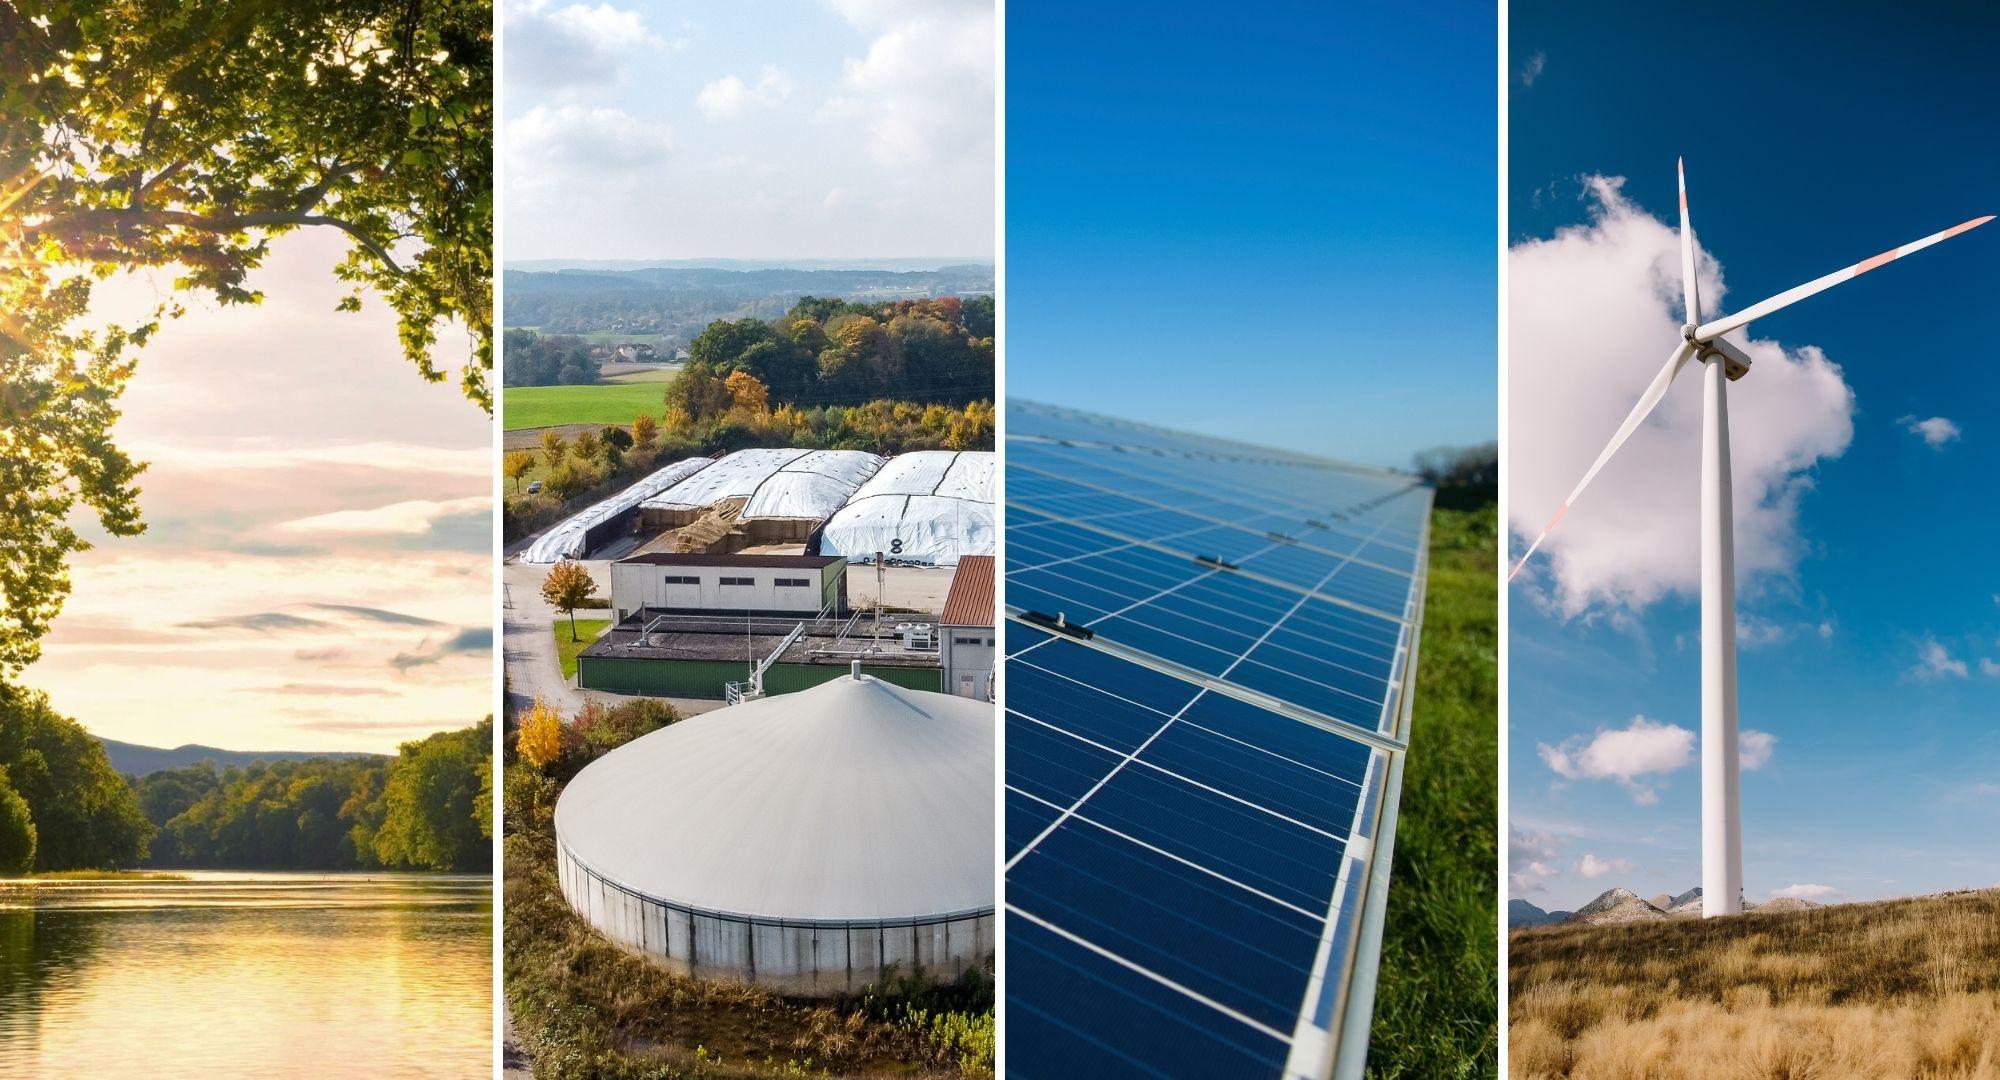 Regnerative Enerigequellen wie Wasserkraft, Biomasse, Sonnenenergie und Windkraft